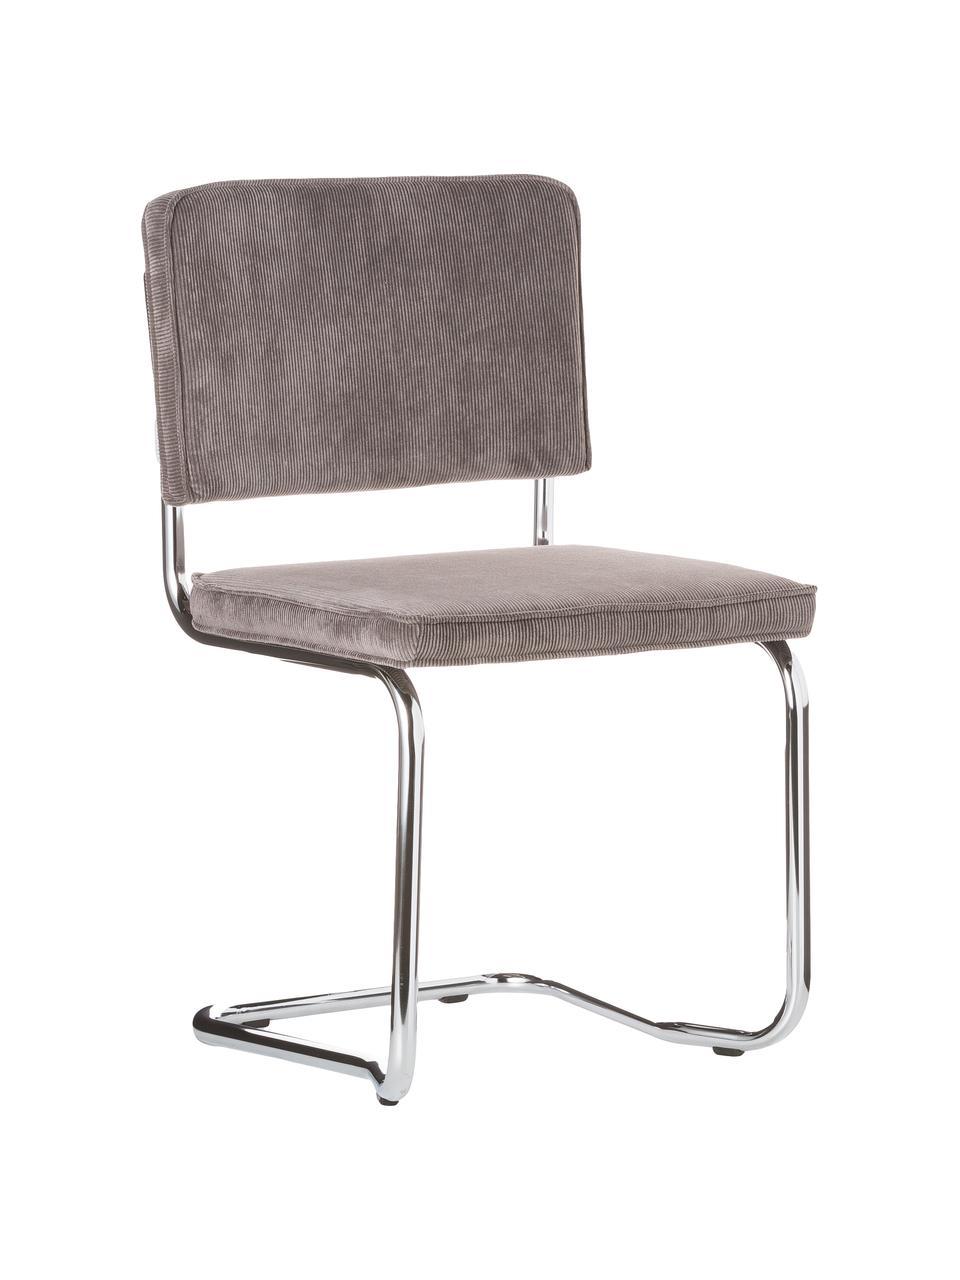 Chaise cantilever velours côtelé gris Kink, Gris